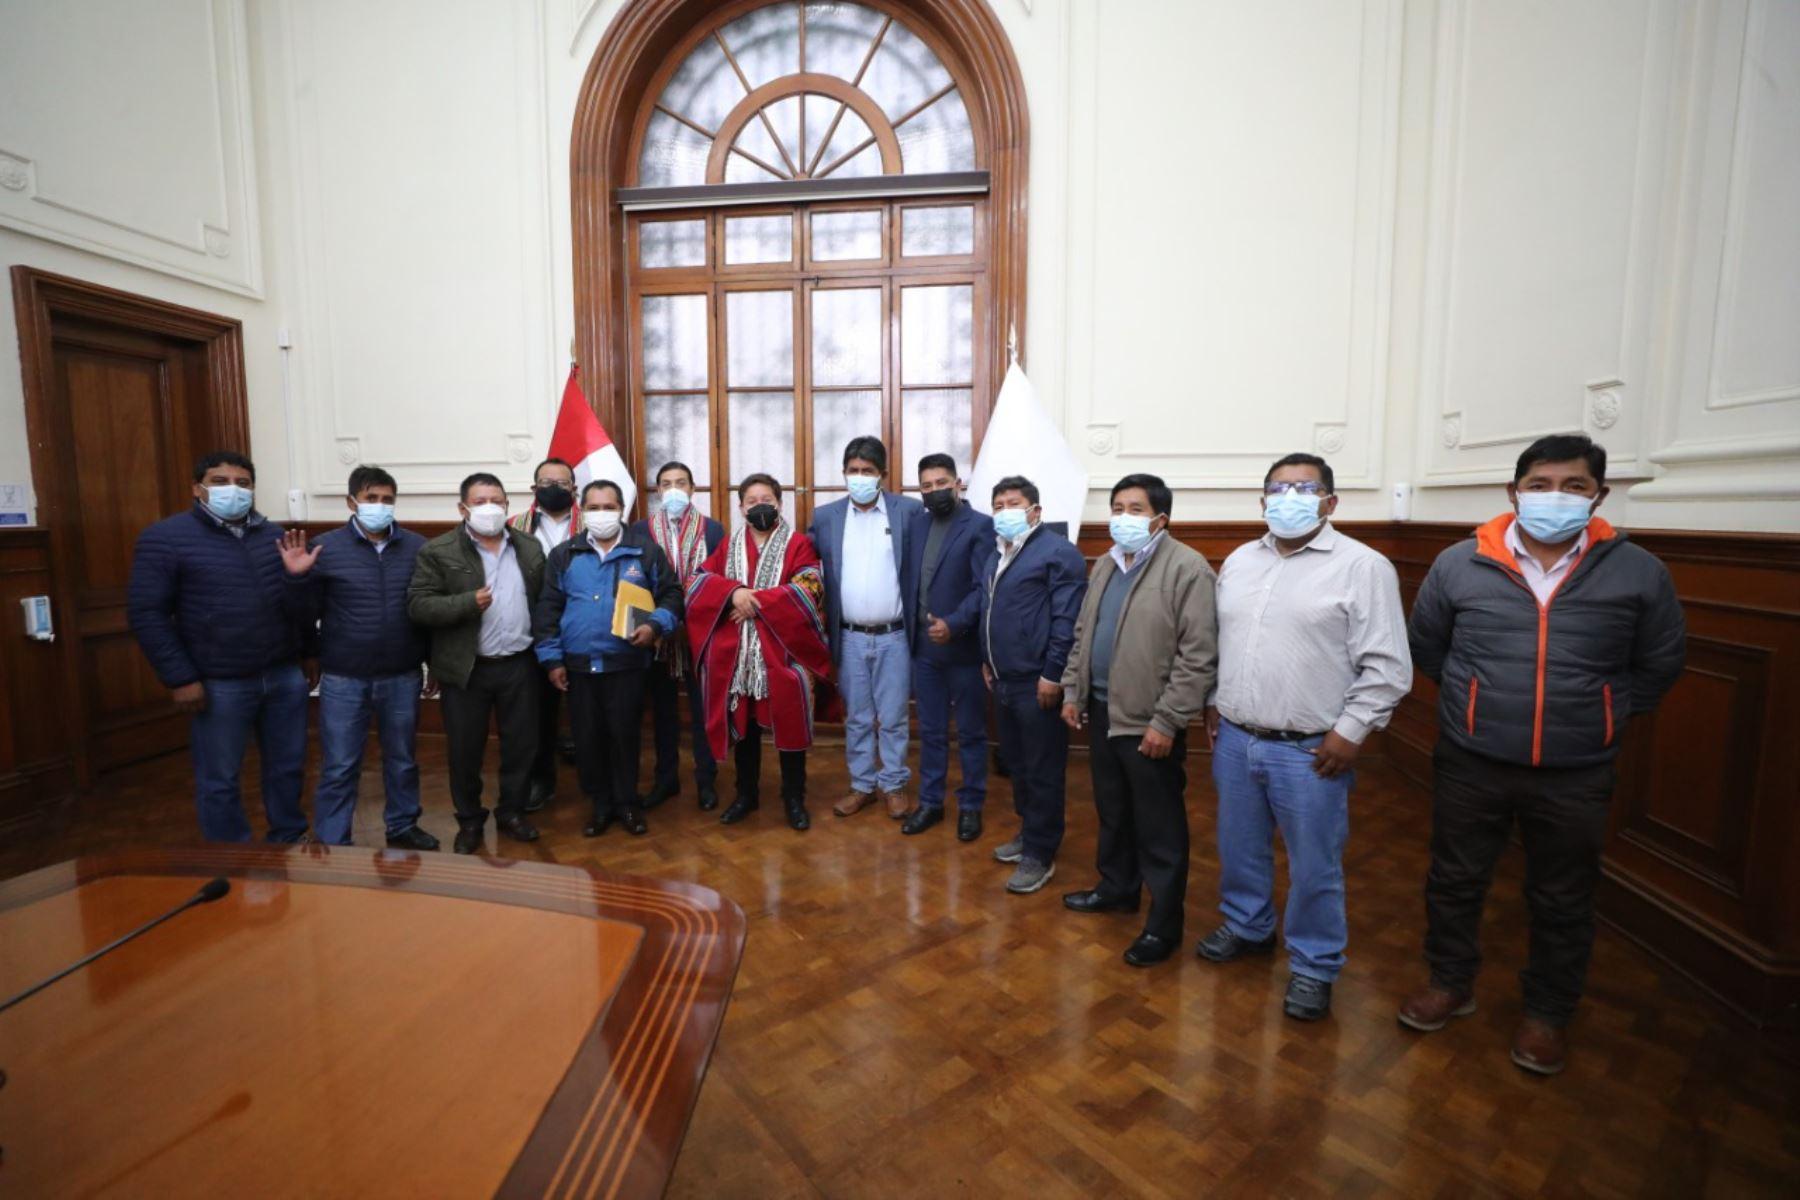 El titular de la PCM, Guido Bellido, se reunió con alcaldes de la provincia de Espinar (Cusco) para conocer los avances de los proyectos prioritarios en esta jurisdicción y sus requerimientos para ser concluidos con celeridad. Foto: PCM